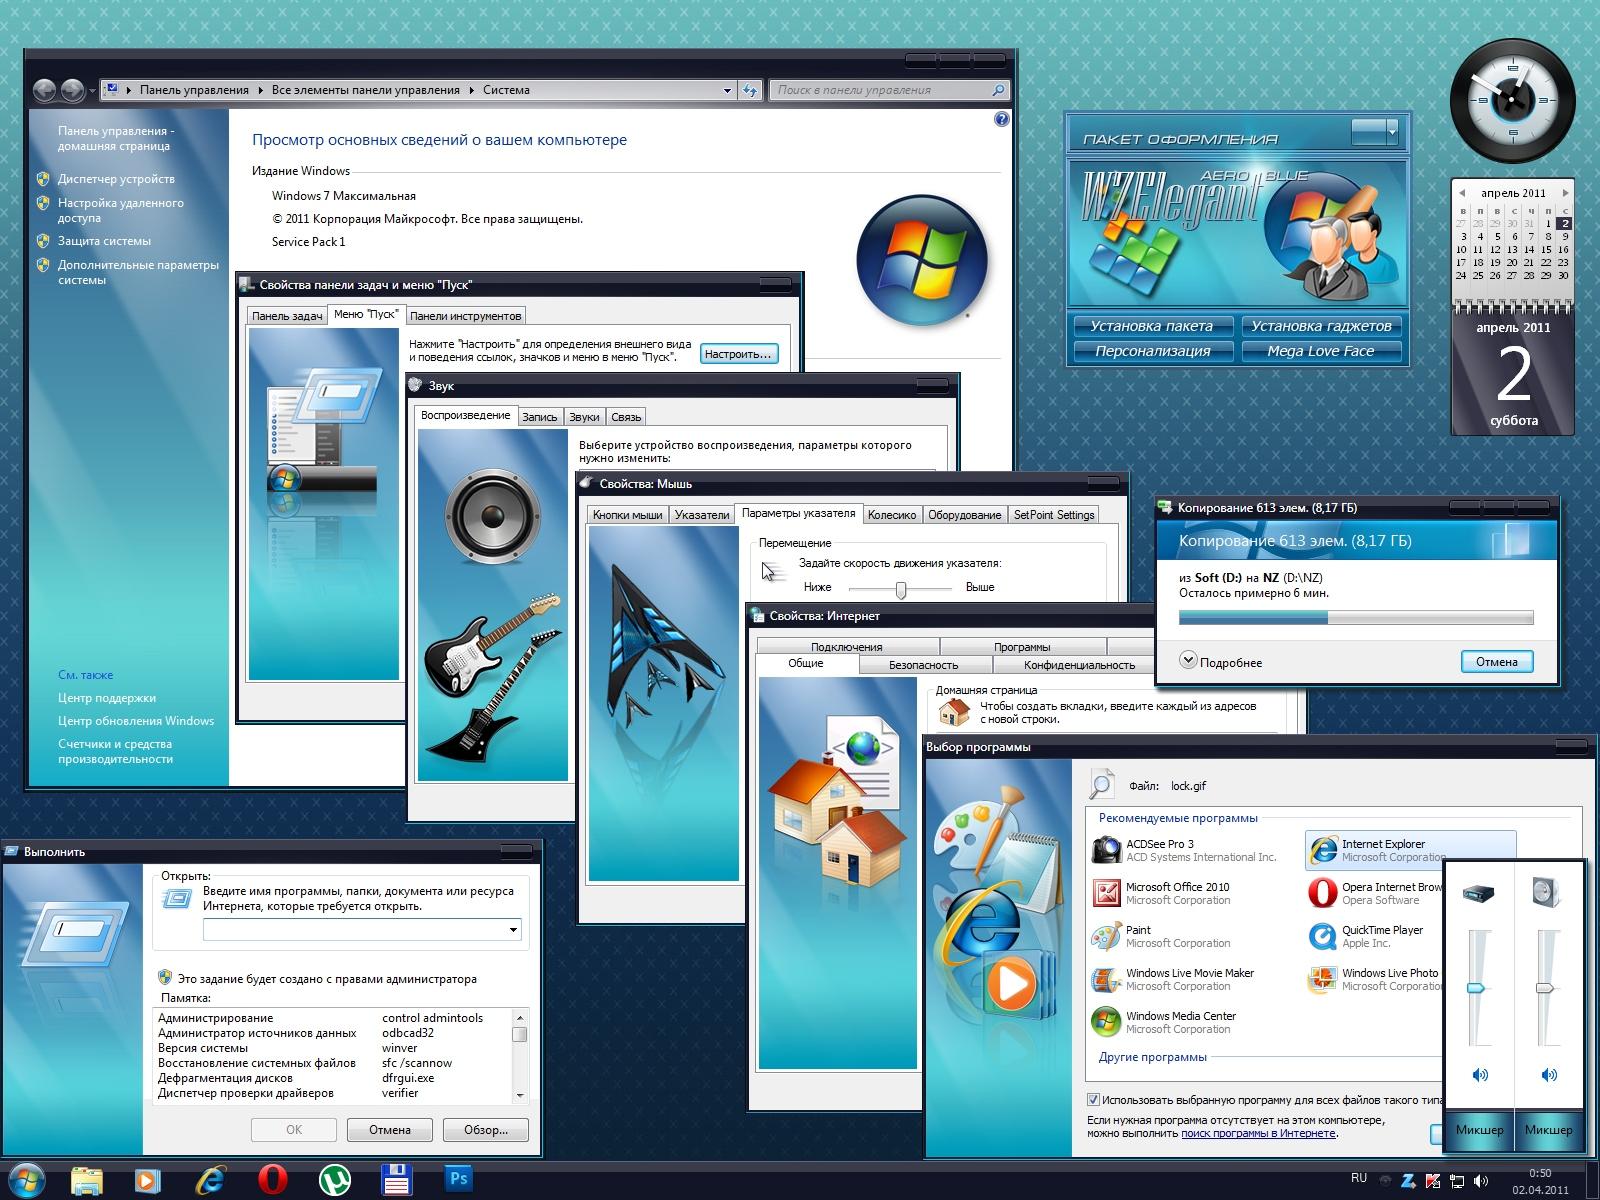 пакеты значков windows 7: